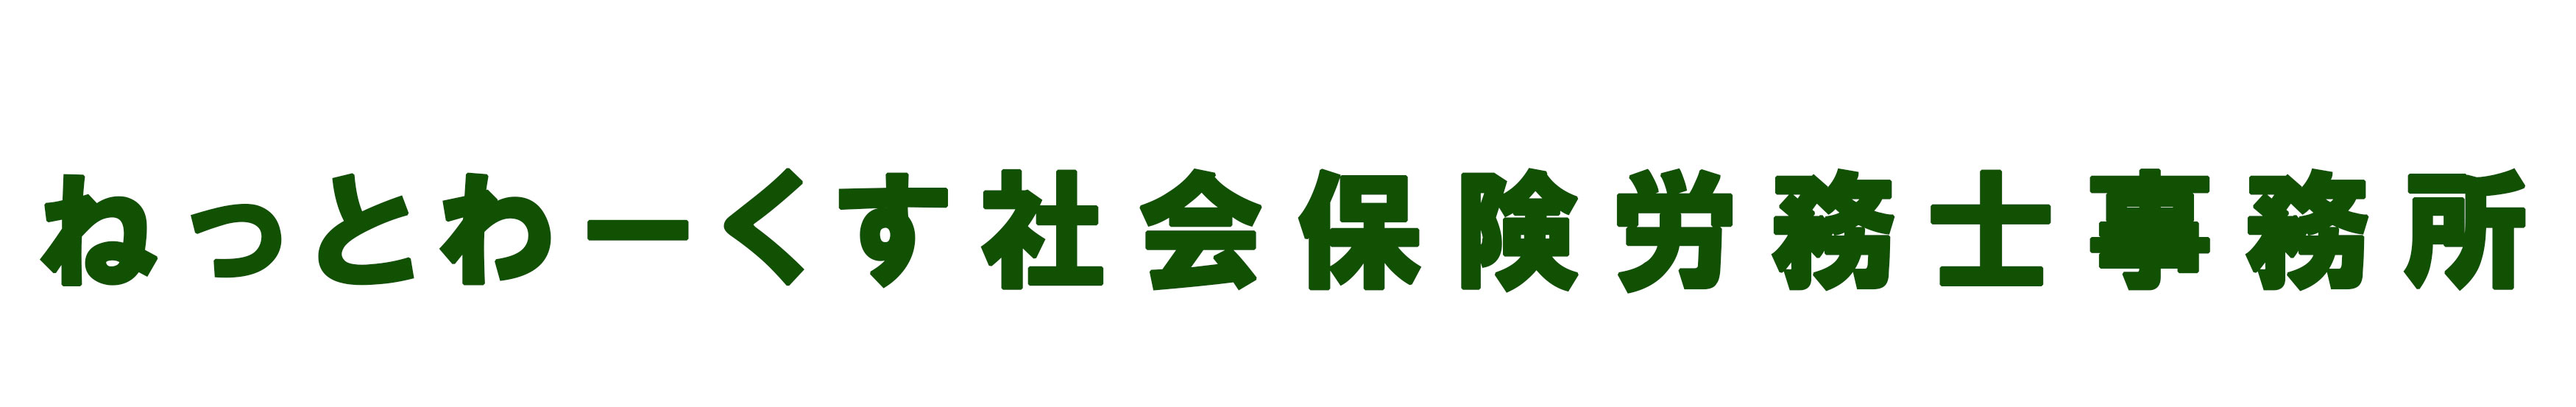 立川市、昭島市の障害年金申請のご相談ならねっとわーくす社会保険労務士事務所